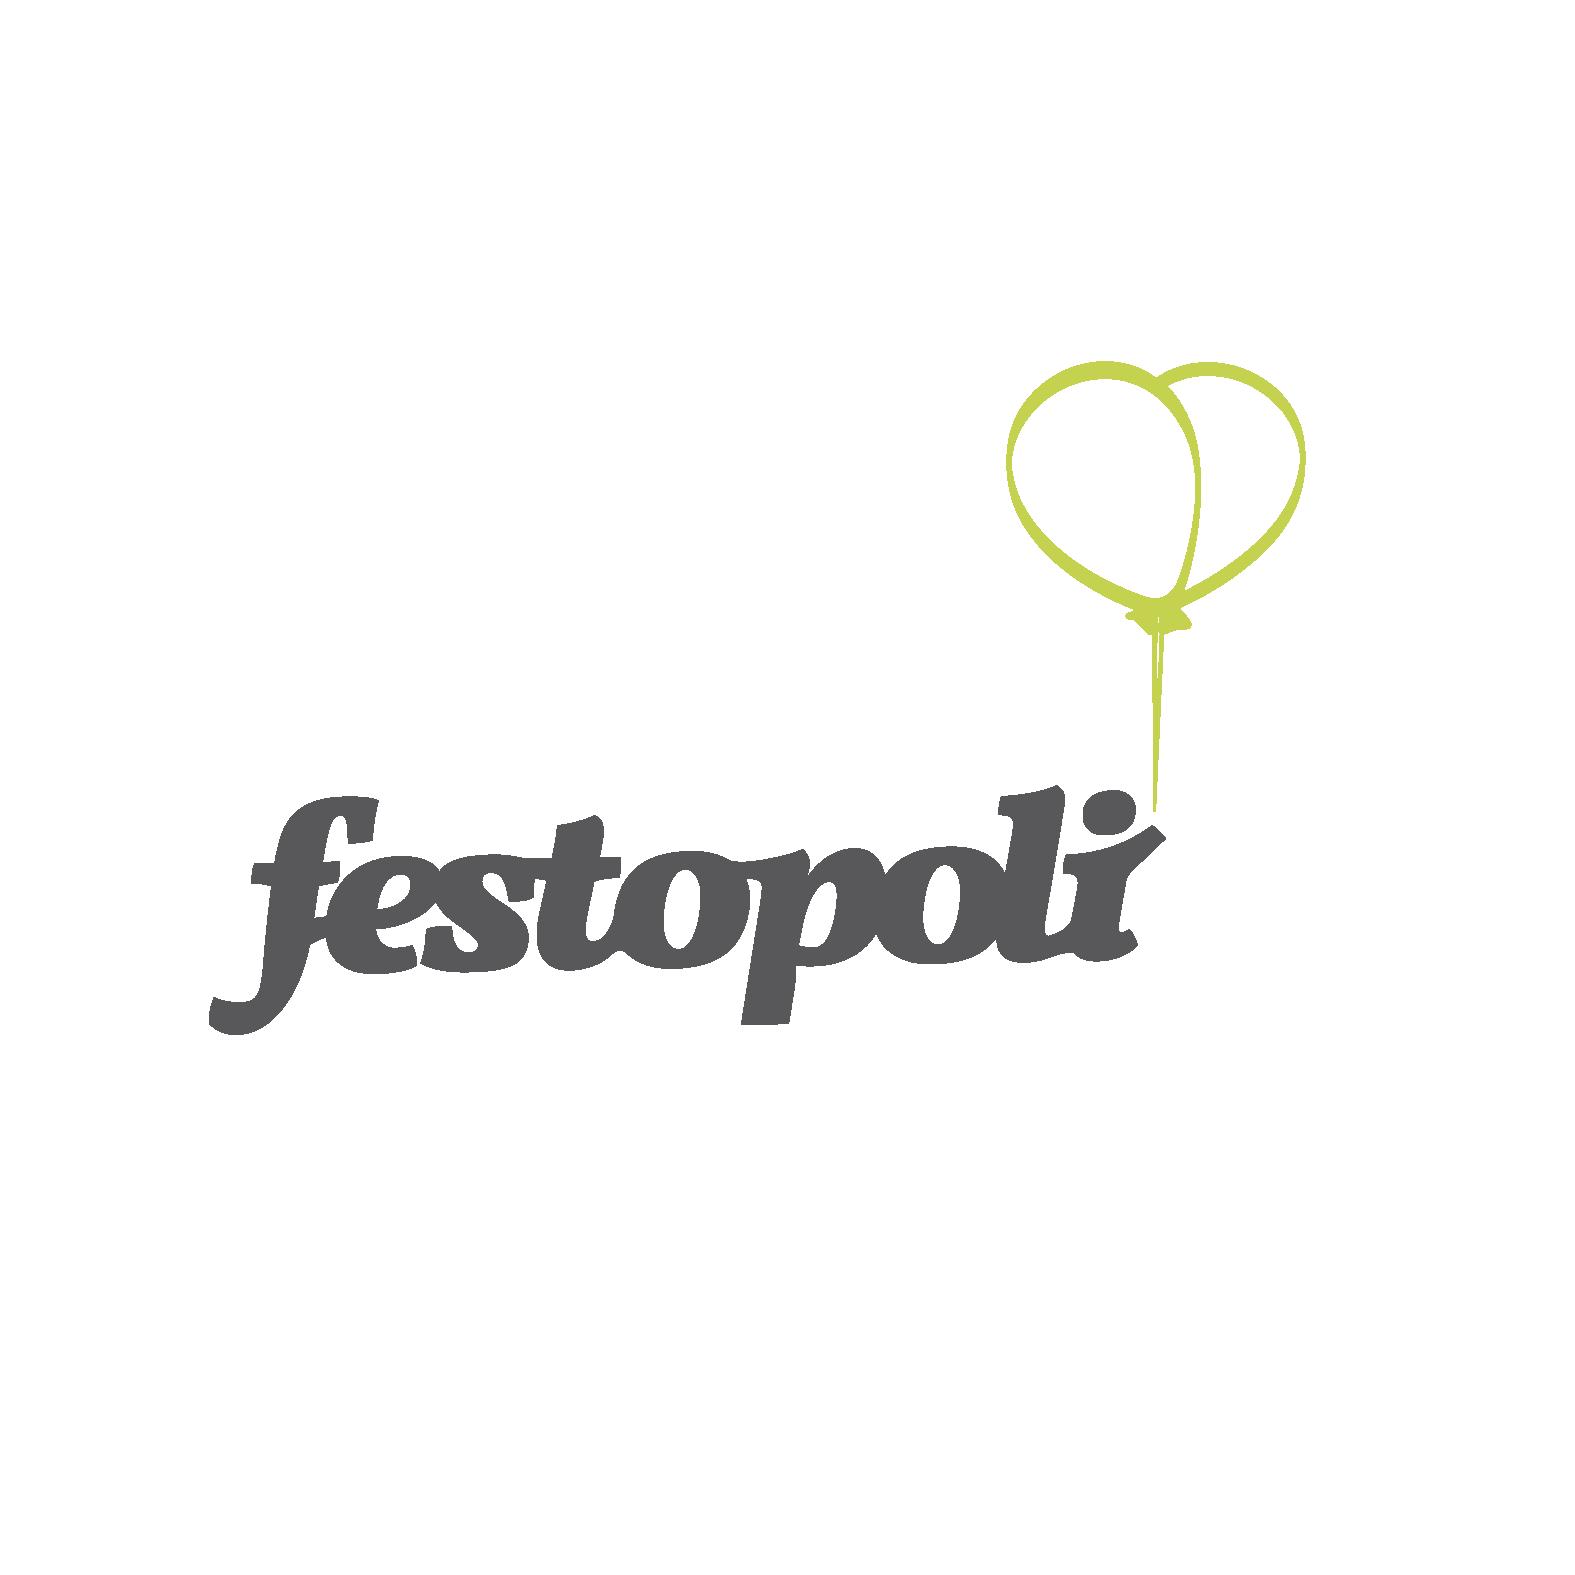 Festopoli. Logo.